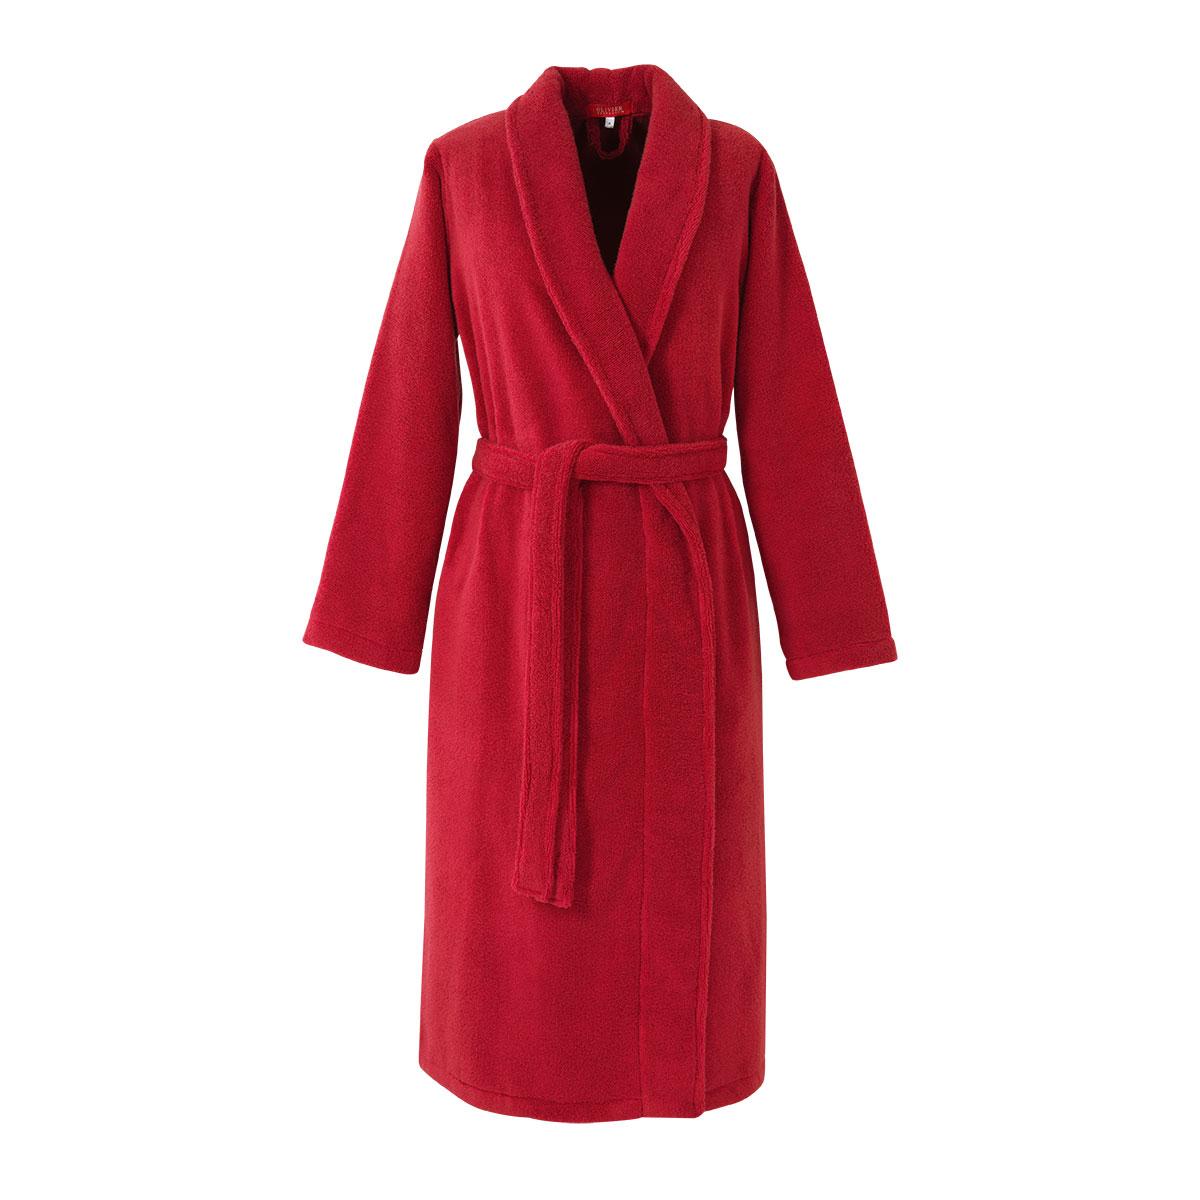 Peignoir coton peigné Rouge M